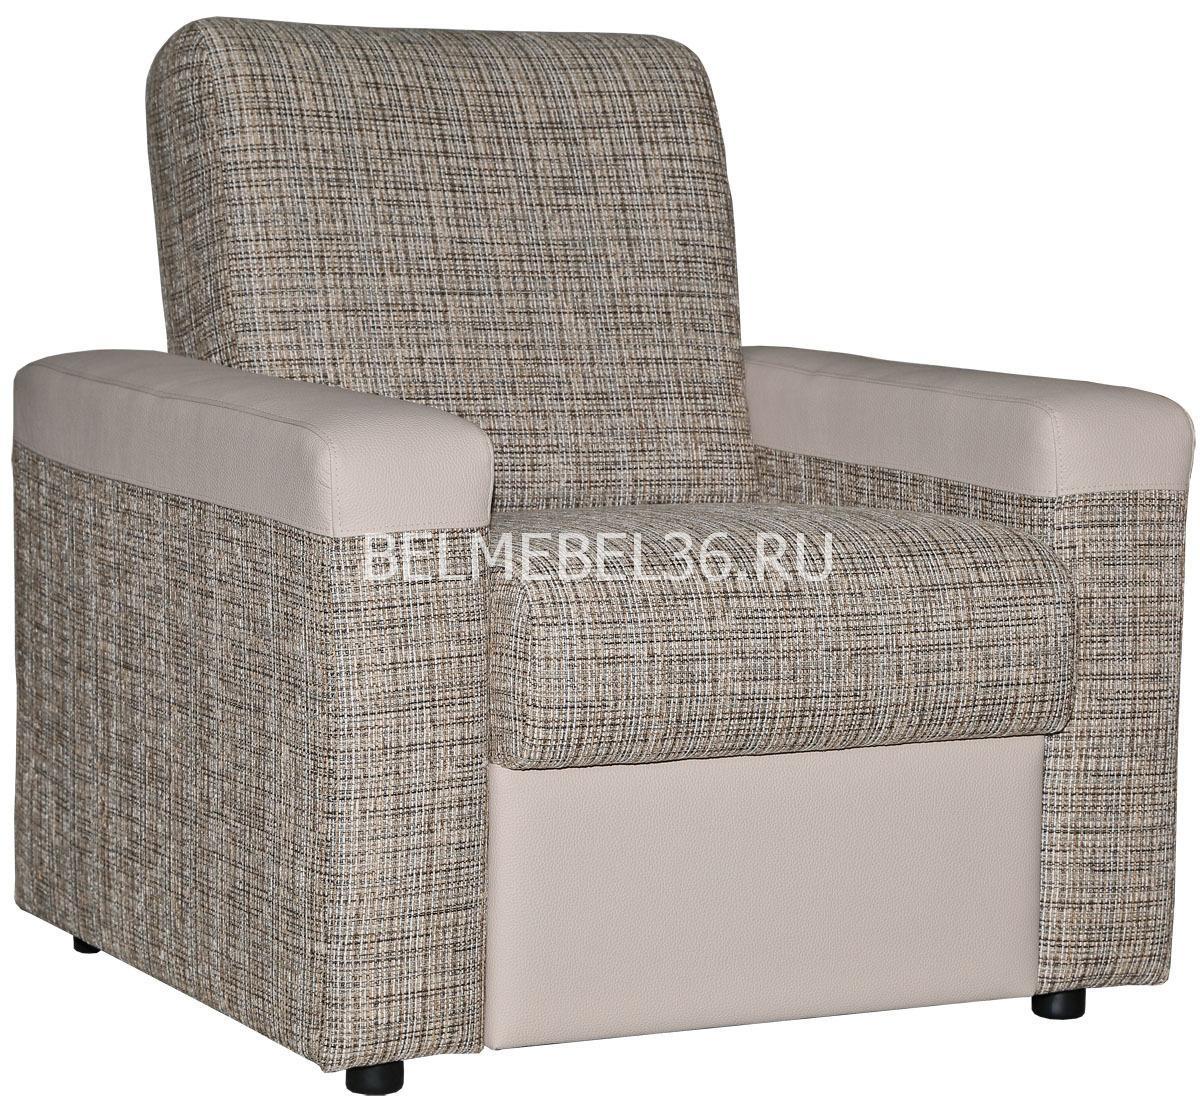 Кресло Астра-1 (12) на основе пружинного блока П-Д141   Белорусская мебель в Воронеже